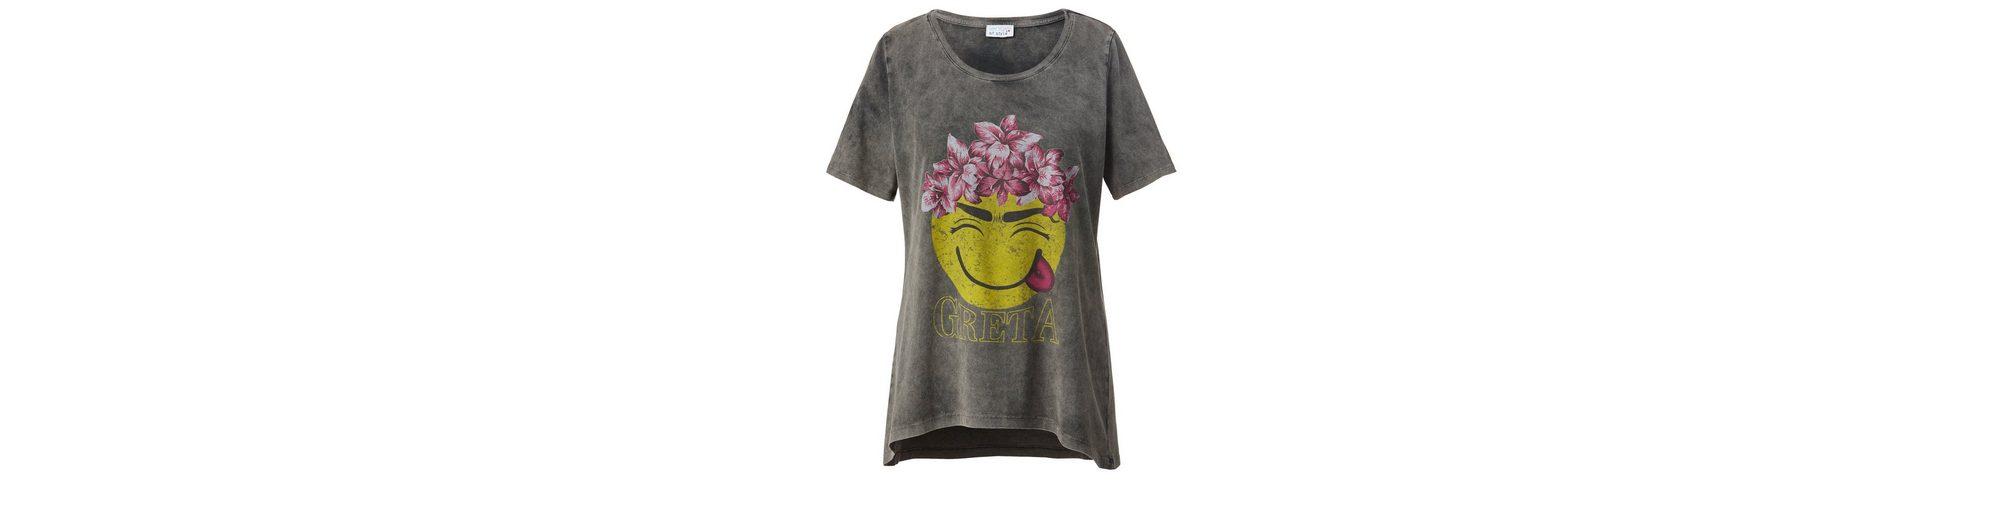 Angel of Style by Happy Size Shirt mit Frontprint Zum Verkauf Preiswerten Realen Vorbestellung Das Beste Geschäft Zu Bekommen Auslass 100% Original Freies Verschiffen Neue Stile 5mA0E